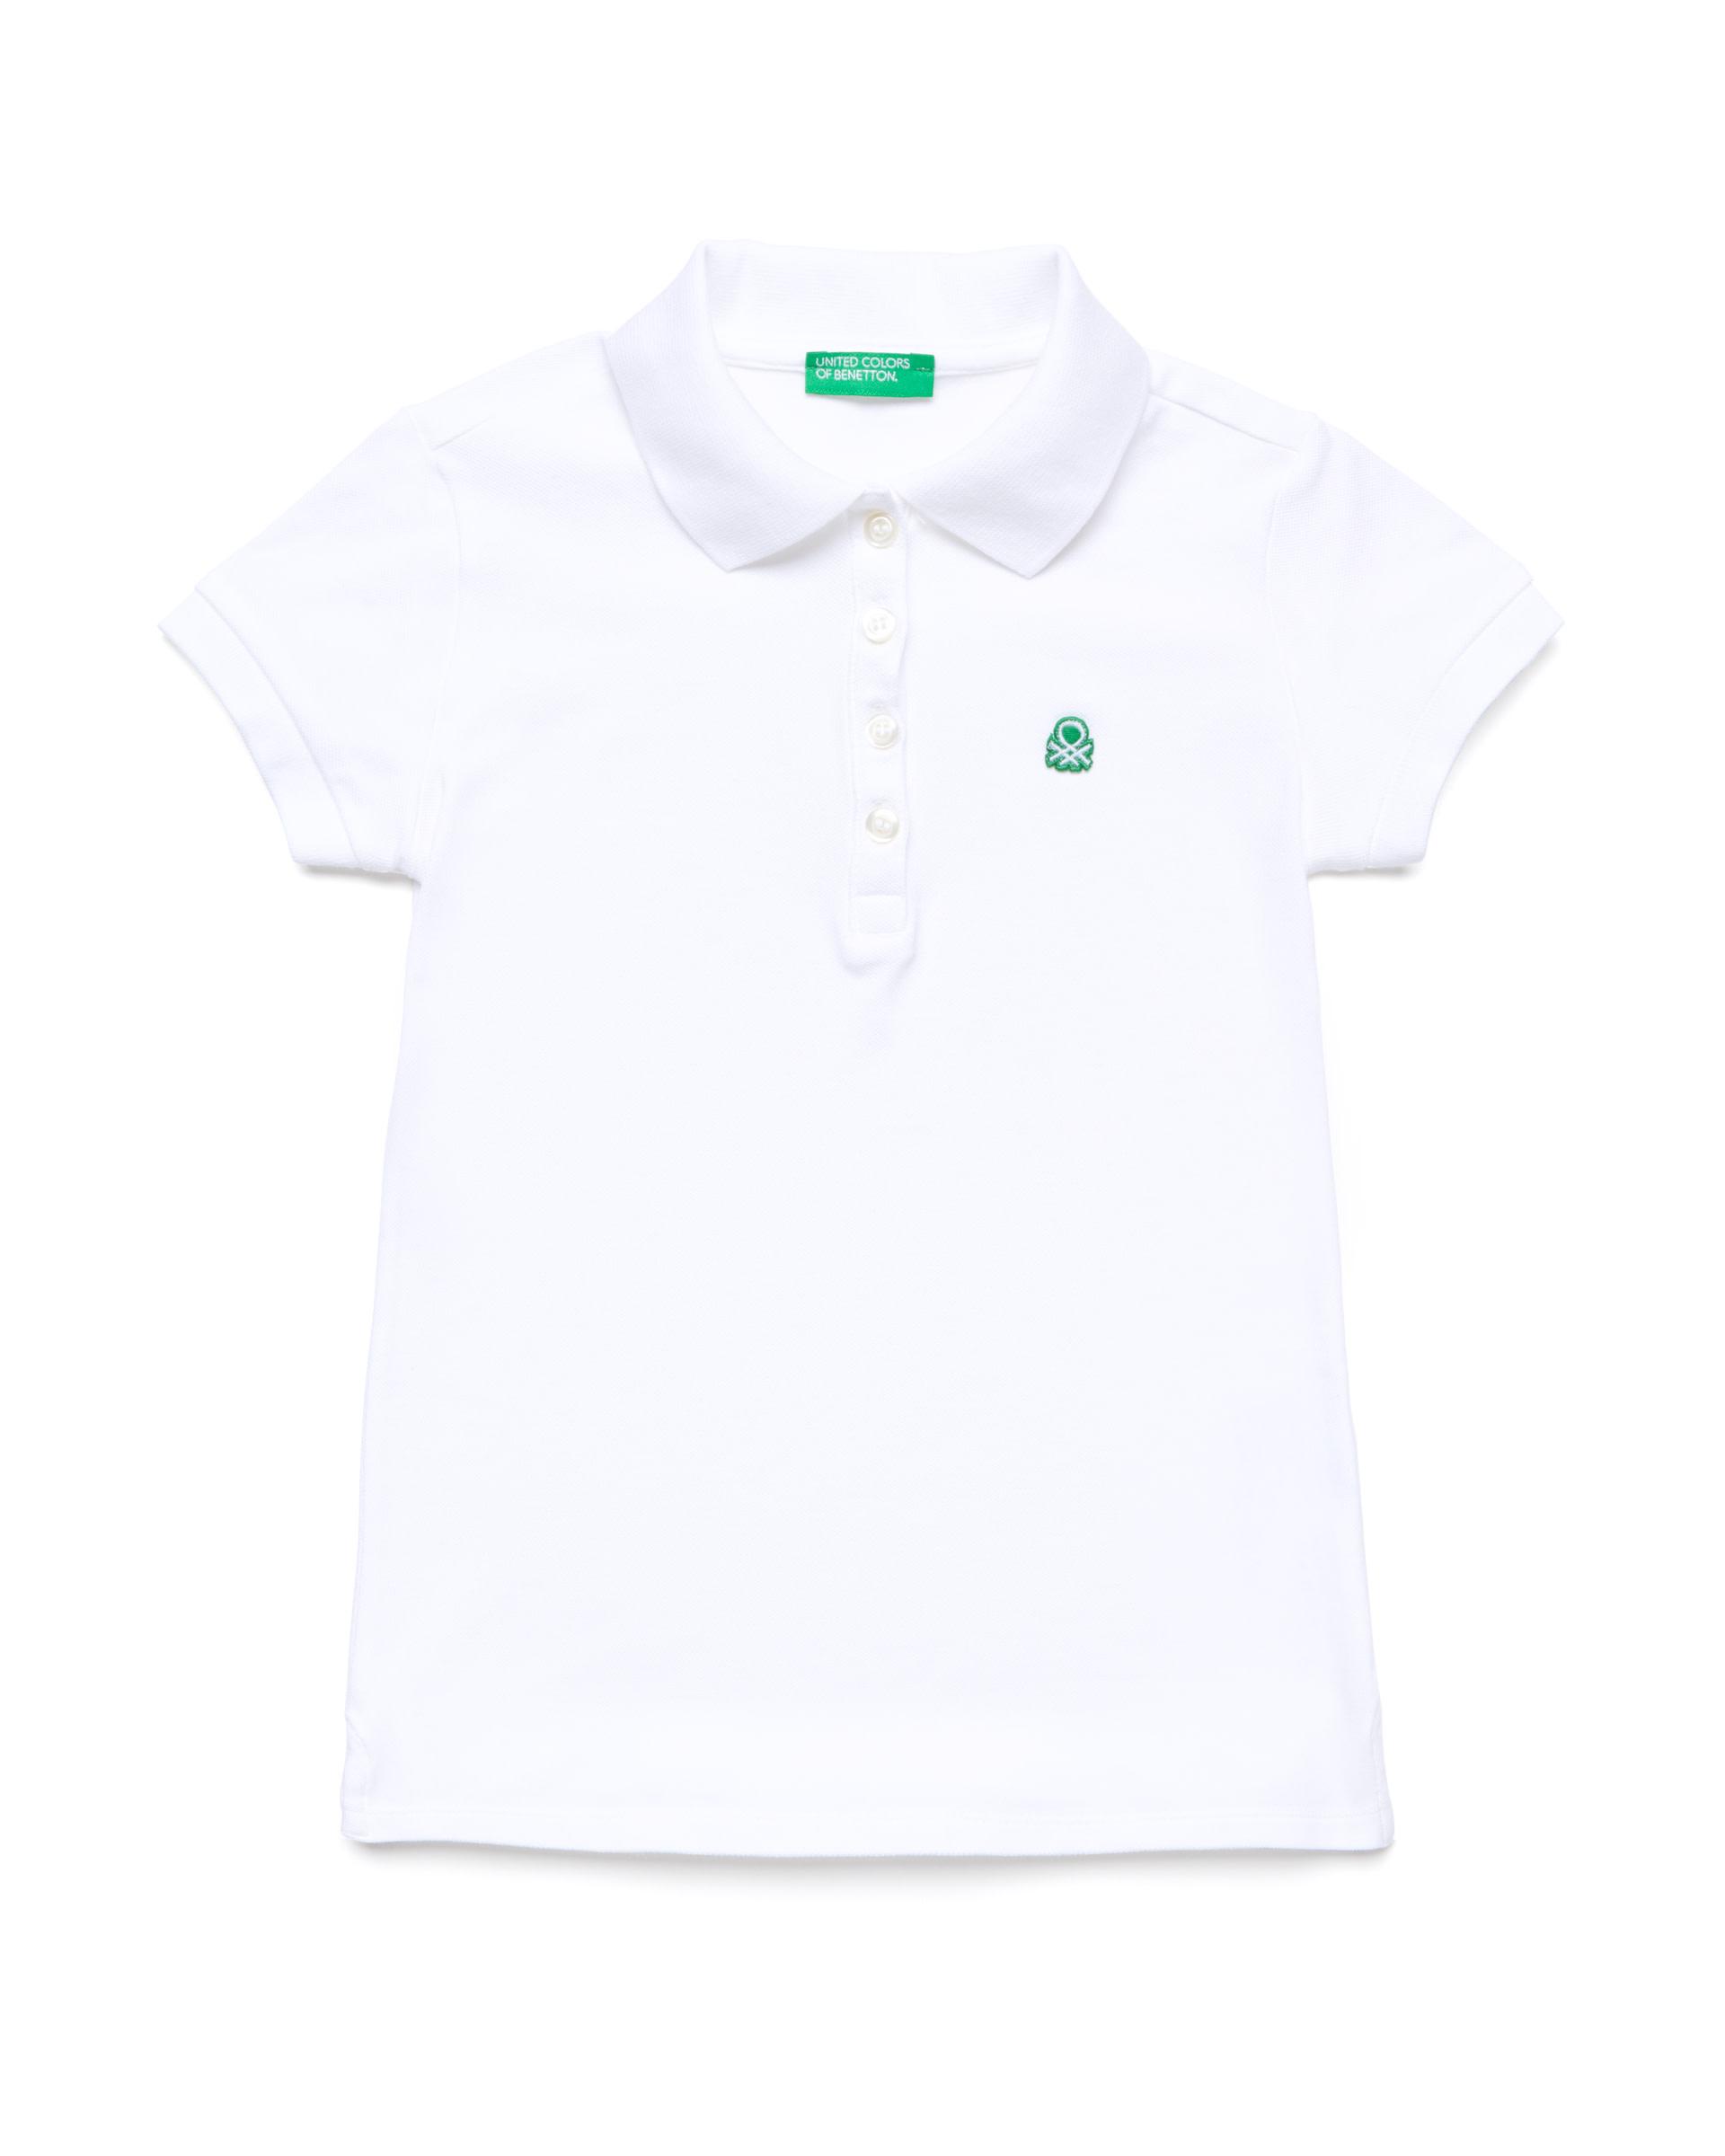 Купить CCC_3WG9C3092_101, Поло-пике для девочек Benetton 3WG9C3092_101 р-р 122, United Colors of Benetton, Детские футболки